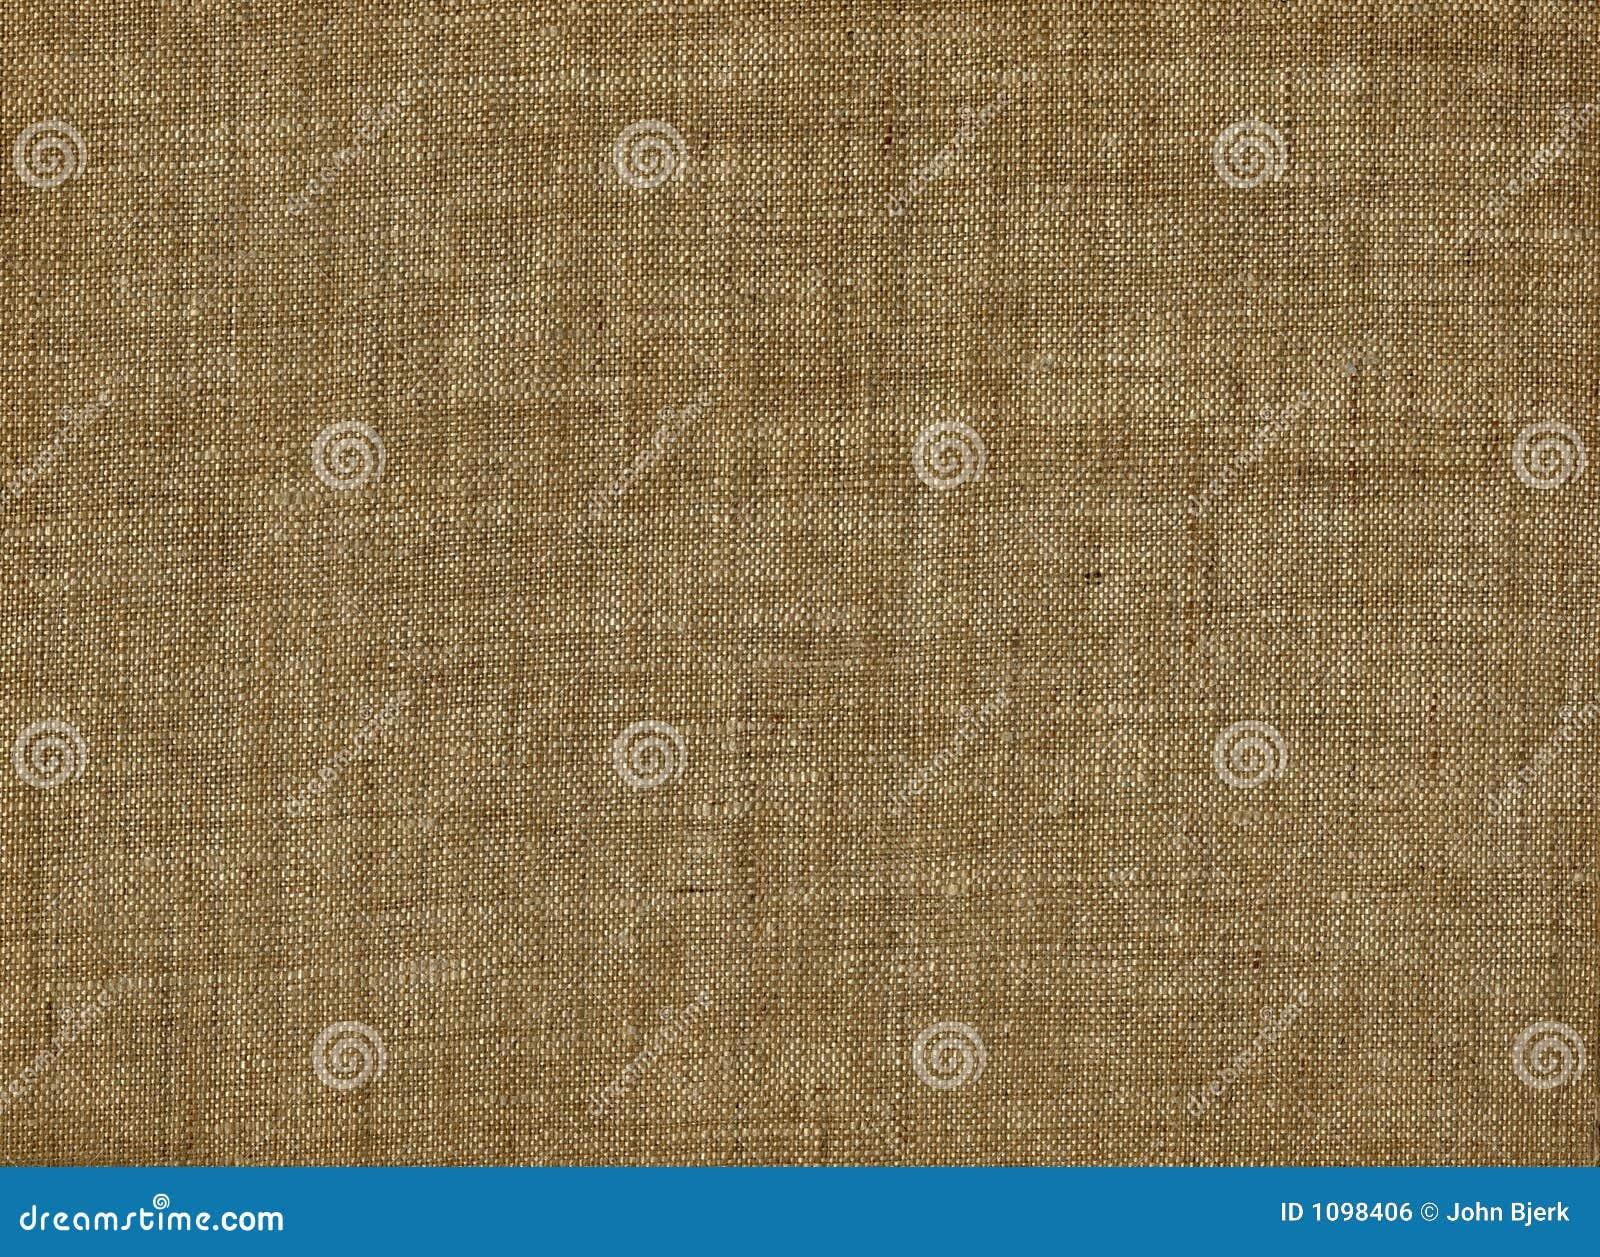 Cloth, Burlap